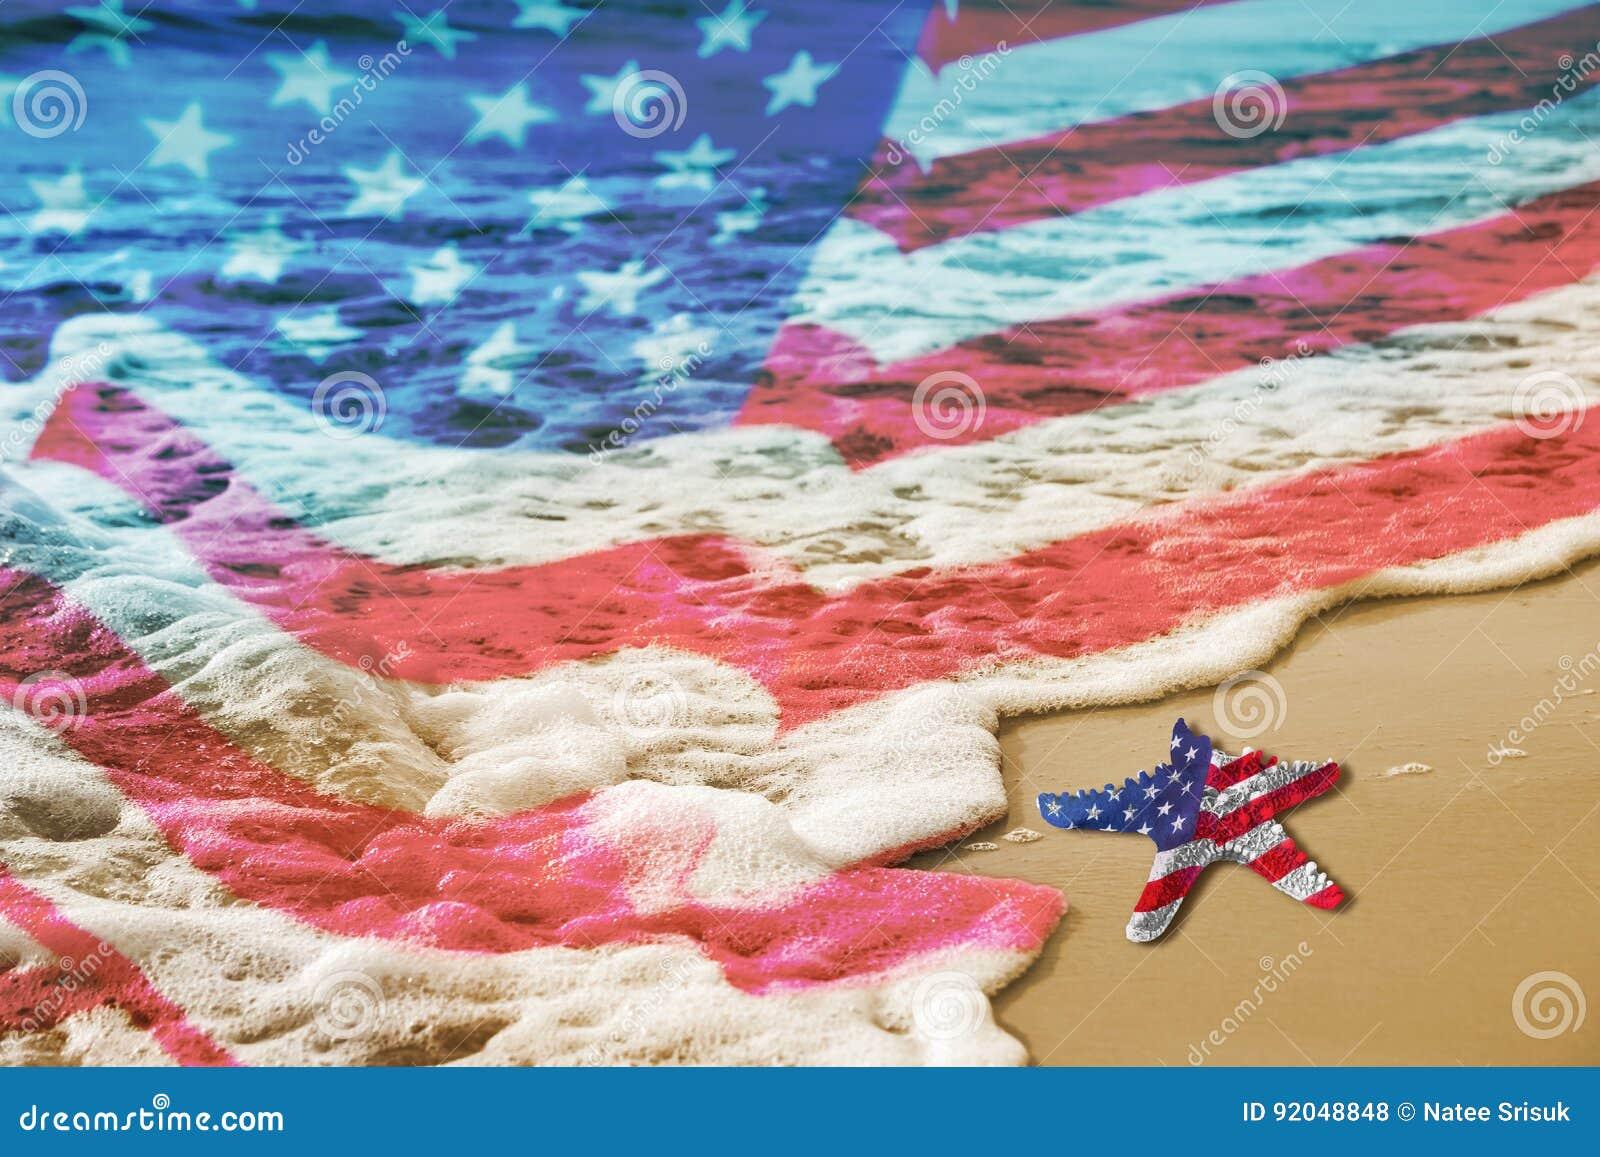 Étoiles de mer avec le drapeau des Etats-Unis sur la plage sablonneuse pour le concept de Fête du travail